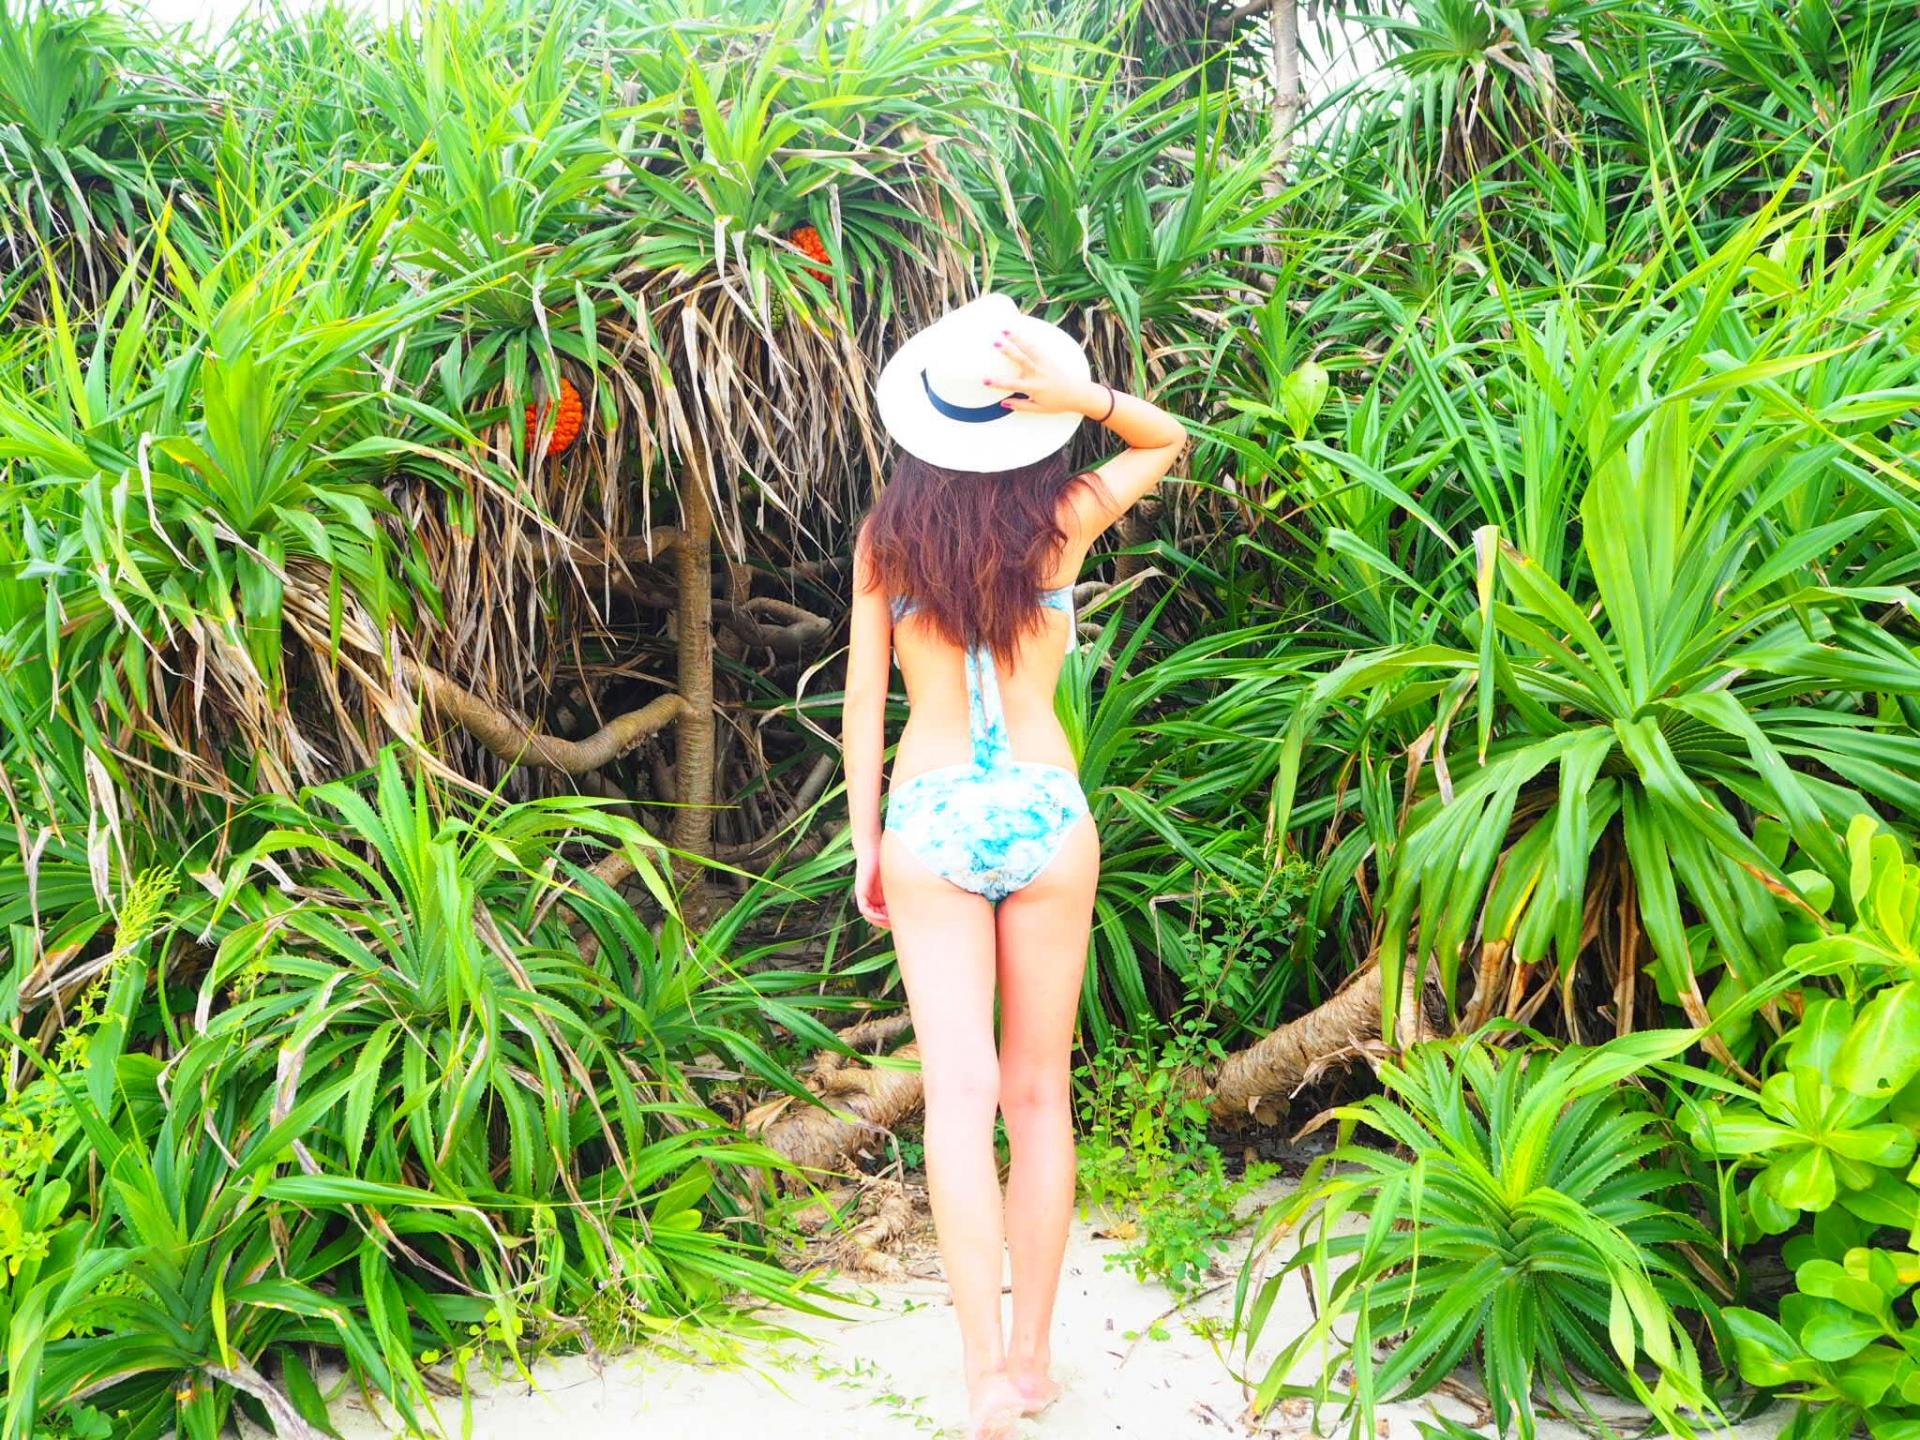 ビーチに立つ水着女性の後ろ姿